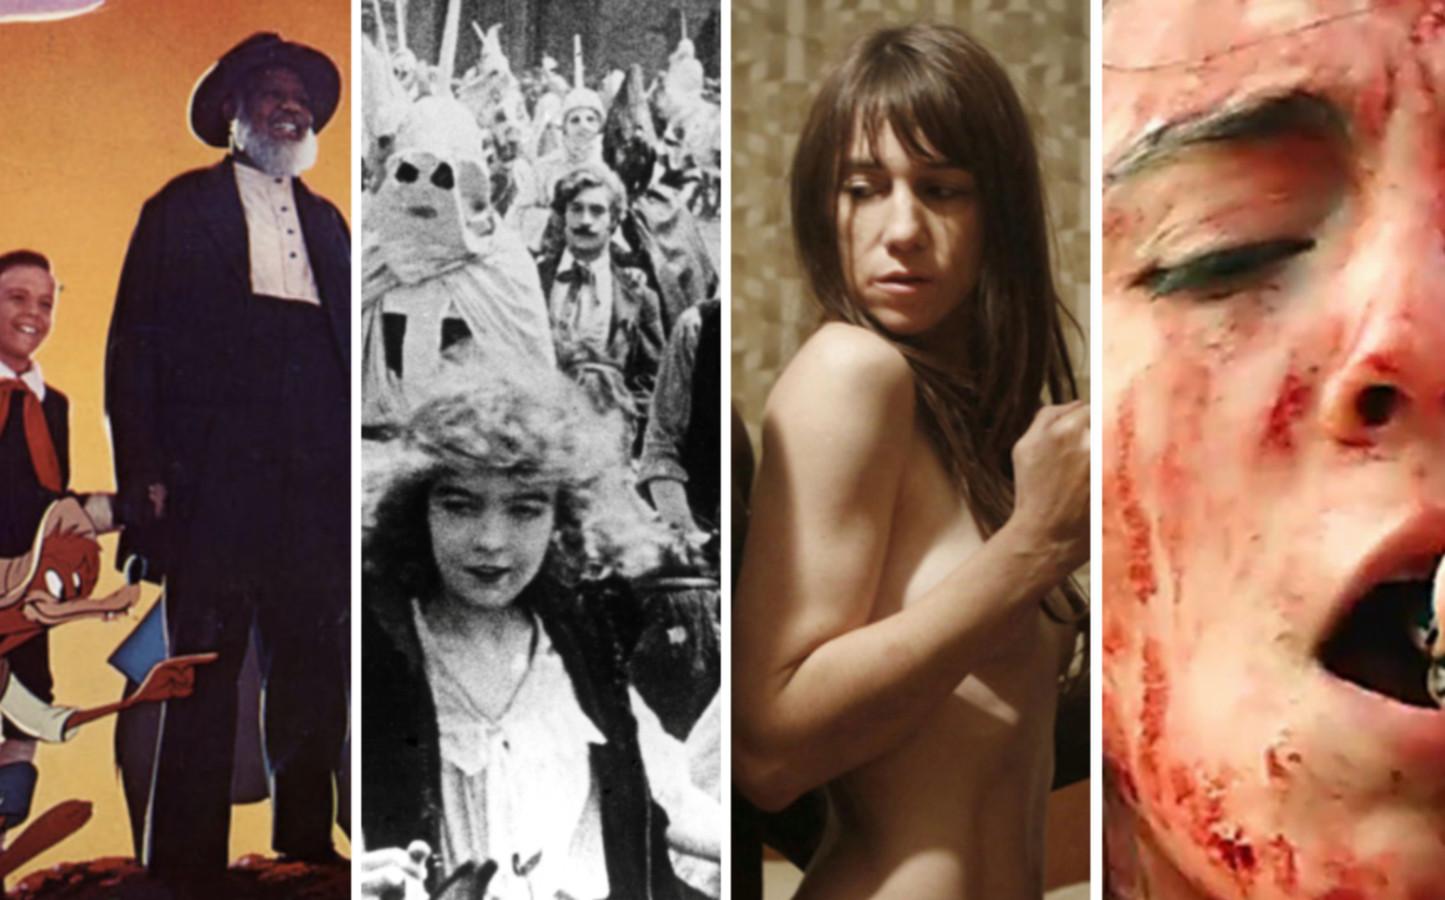 Deze films veroorzaakten enorme controverse.